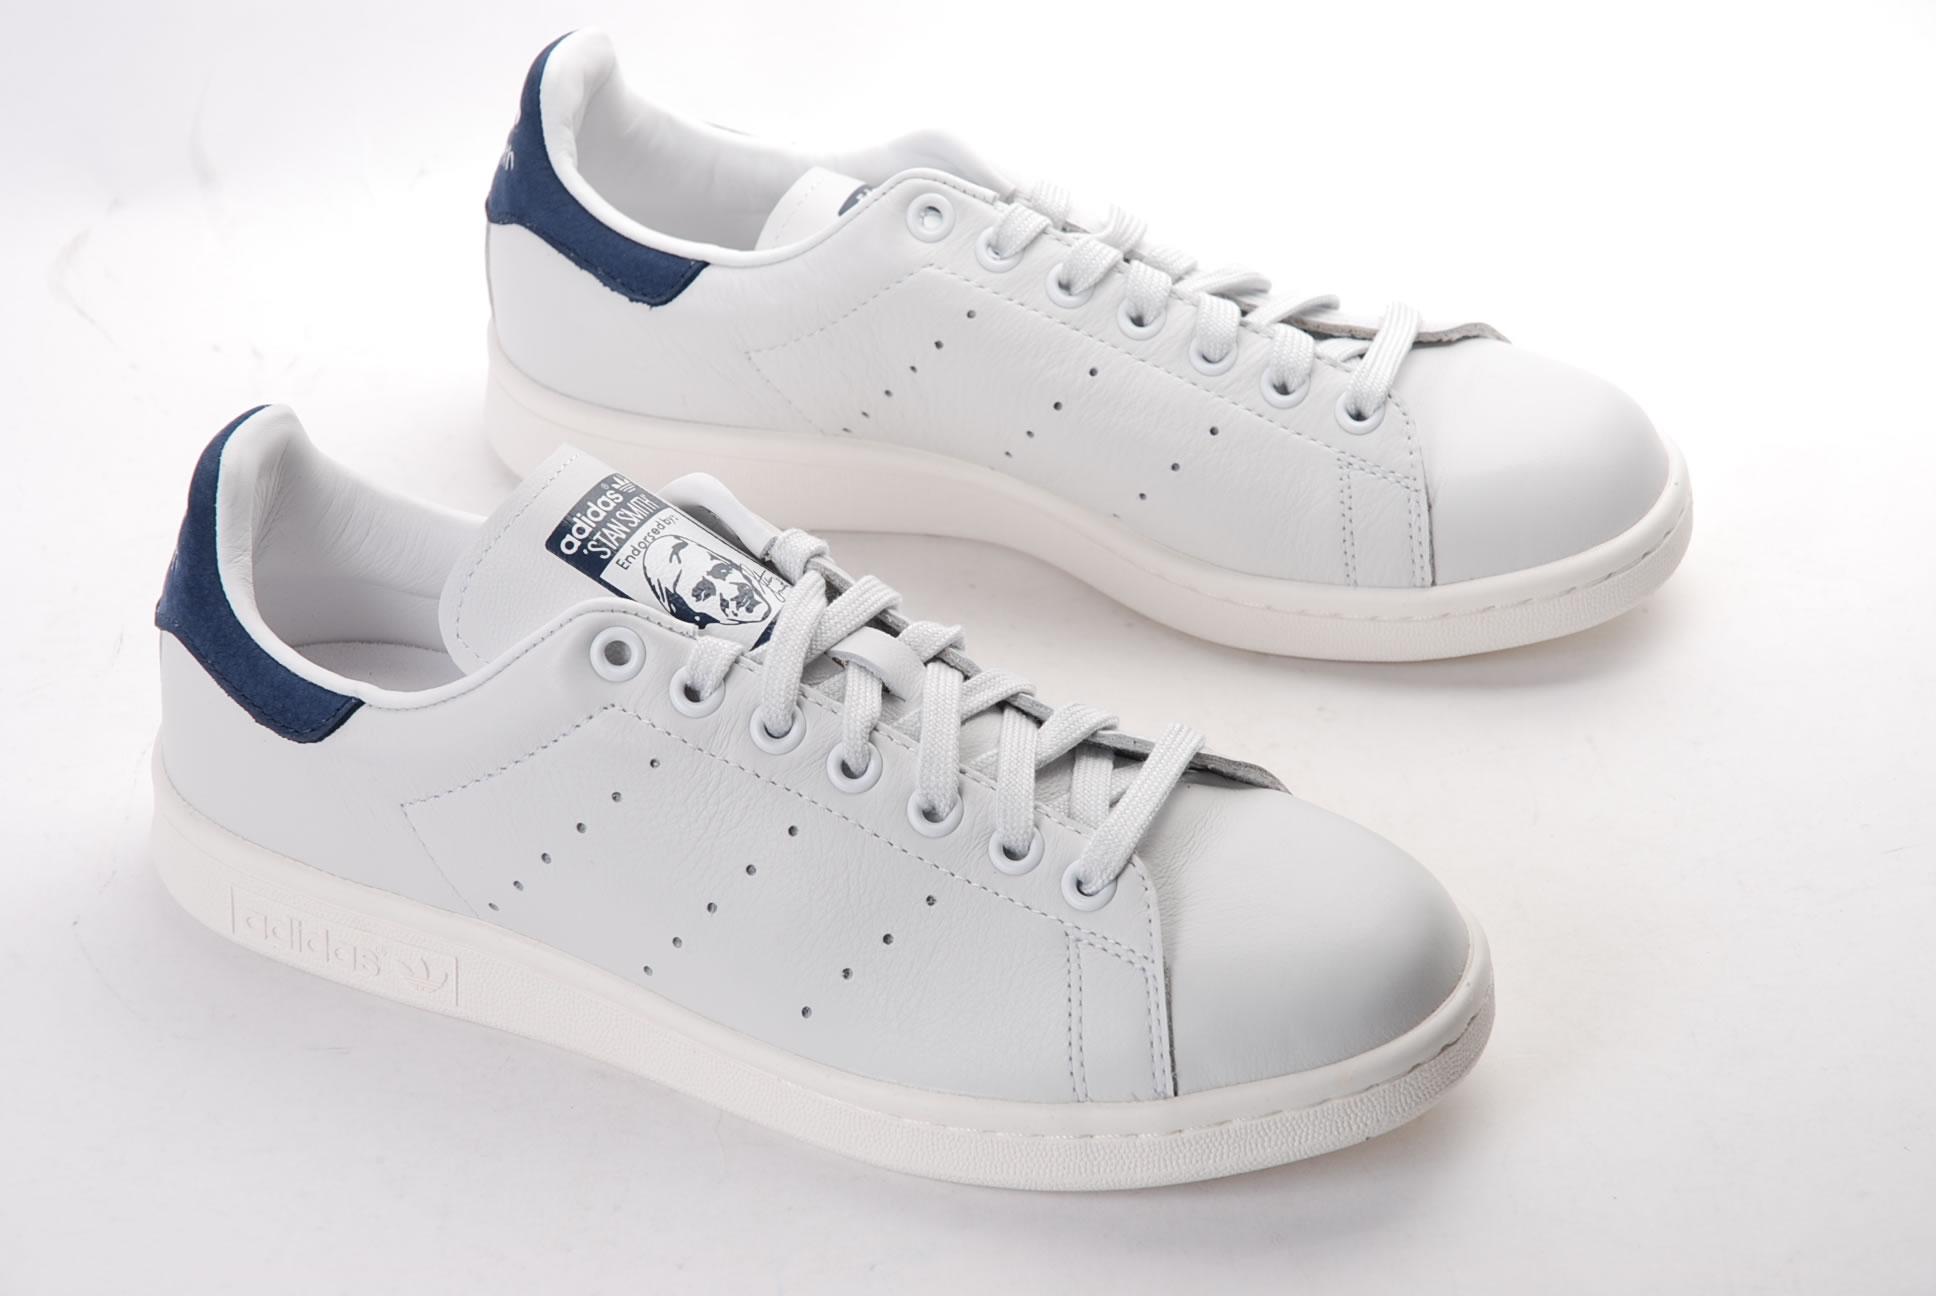 adidas stan smith homme blanche et bleu une vente de